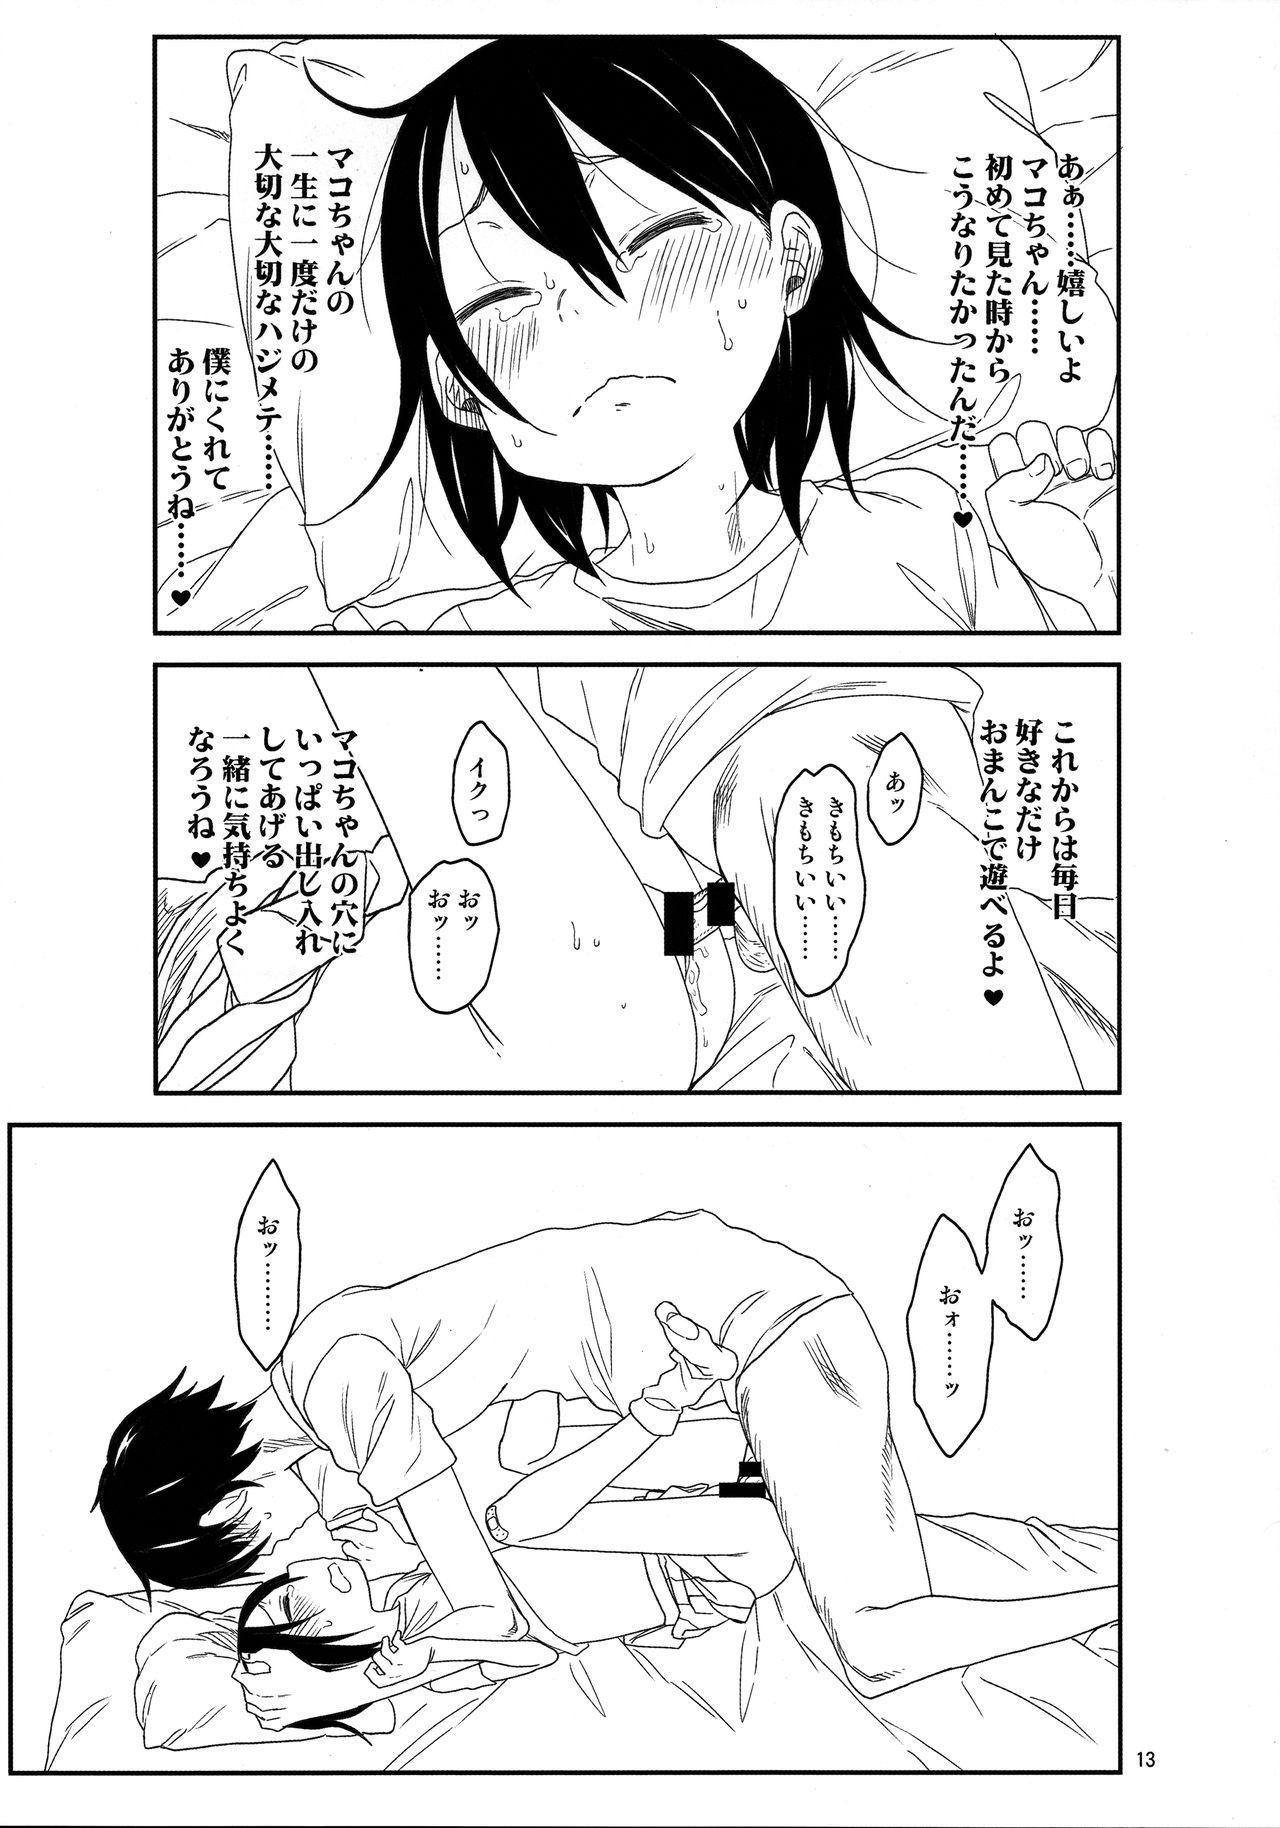 Tonari no Mako-chan Vol. 3 12